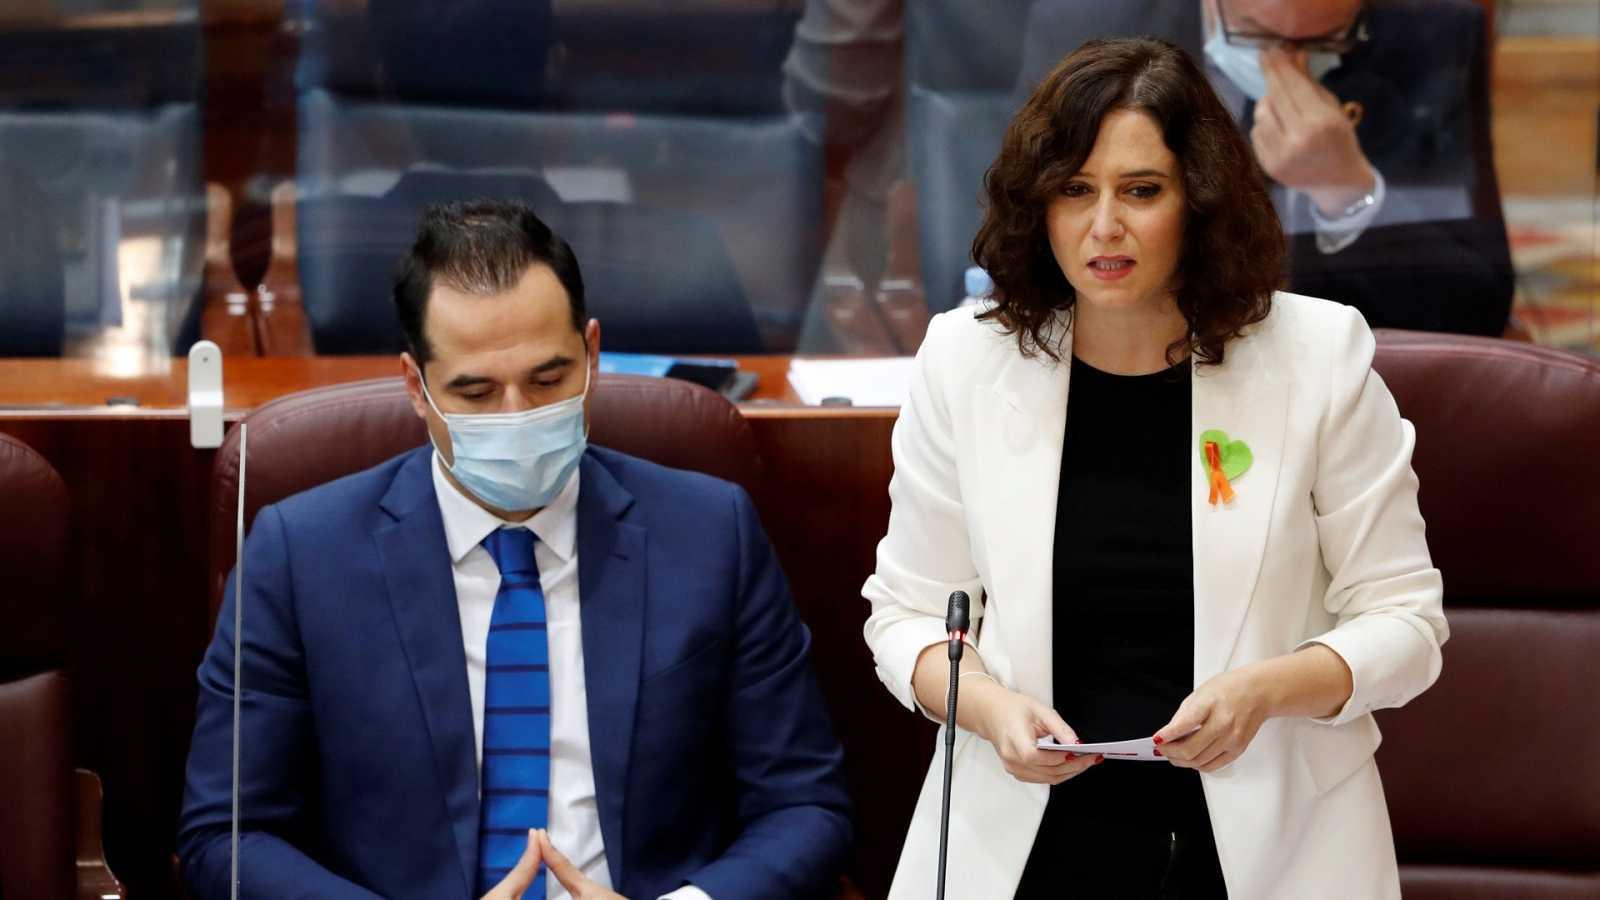 La ruptura entre PP y Cs provoca un terremoto político en España